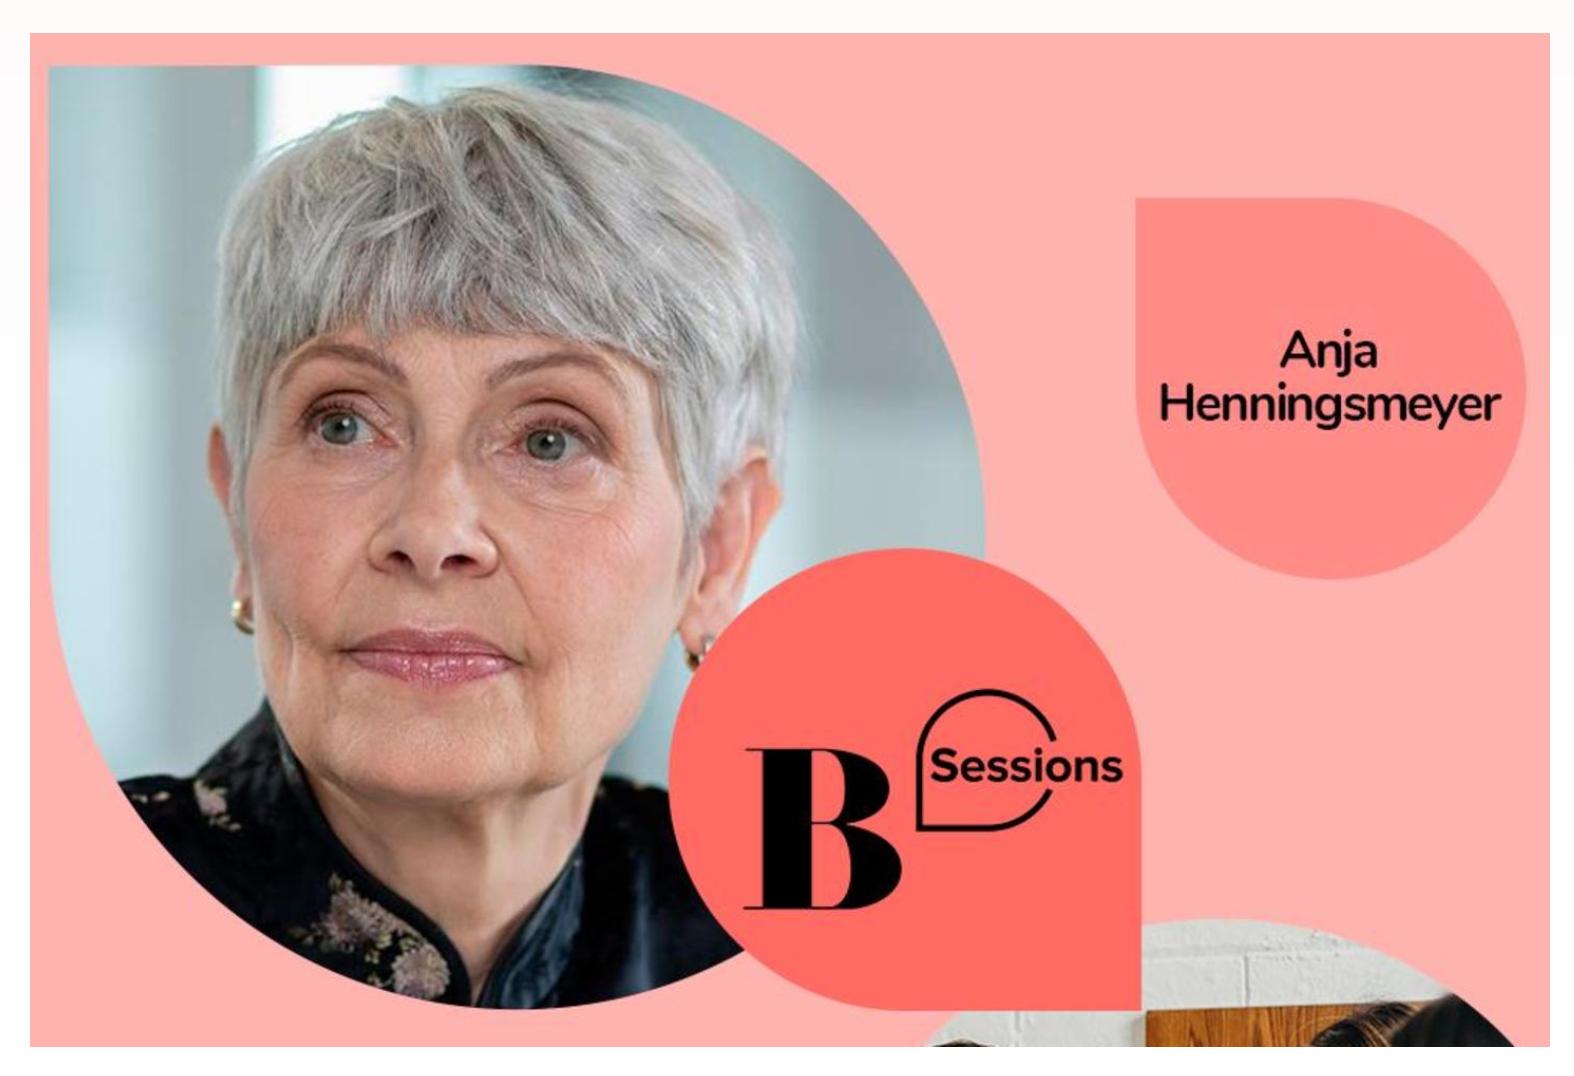 Verhandlung Anja Henningsmeyer bei Brigitte Academy 2021